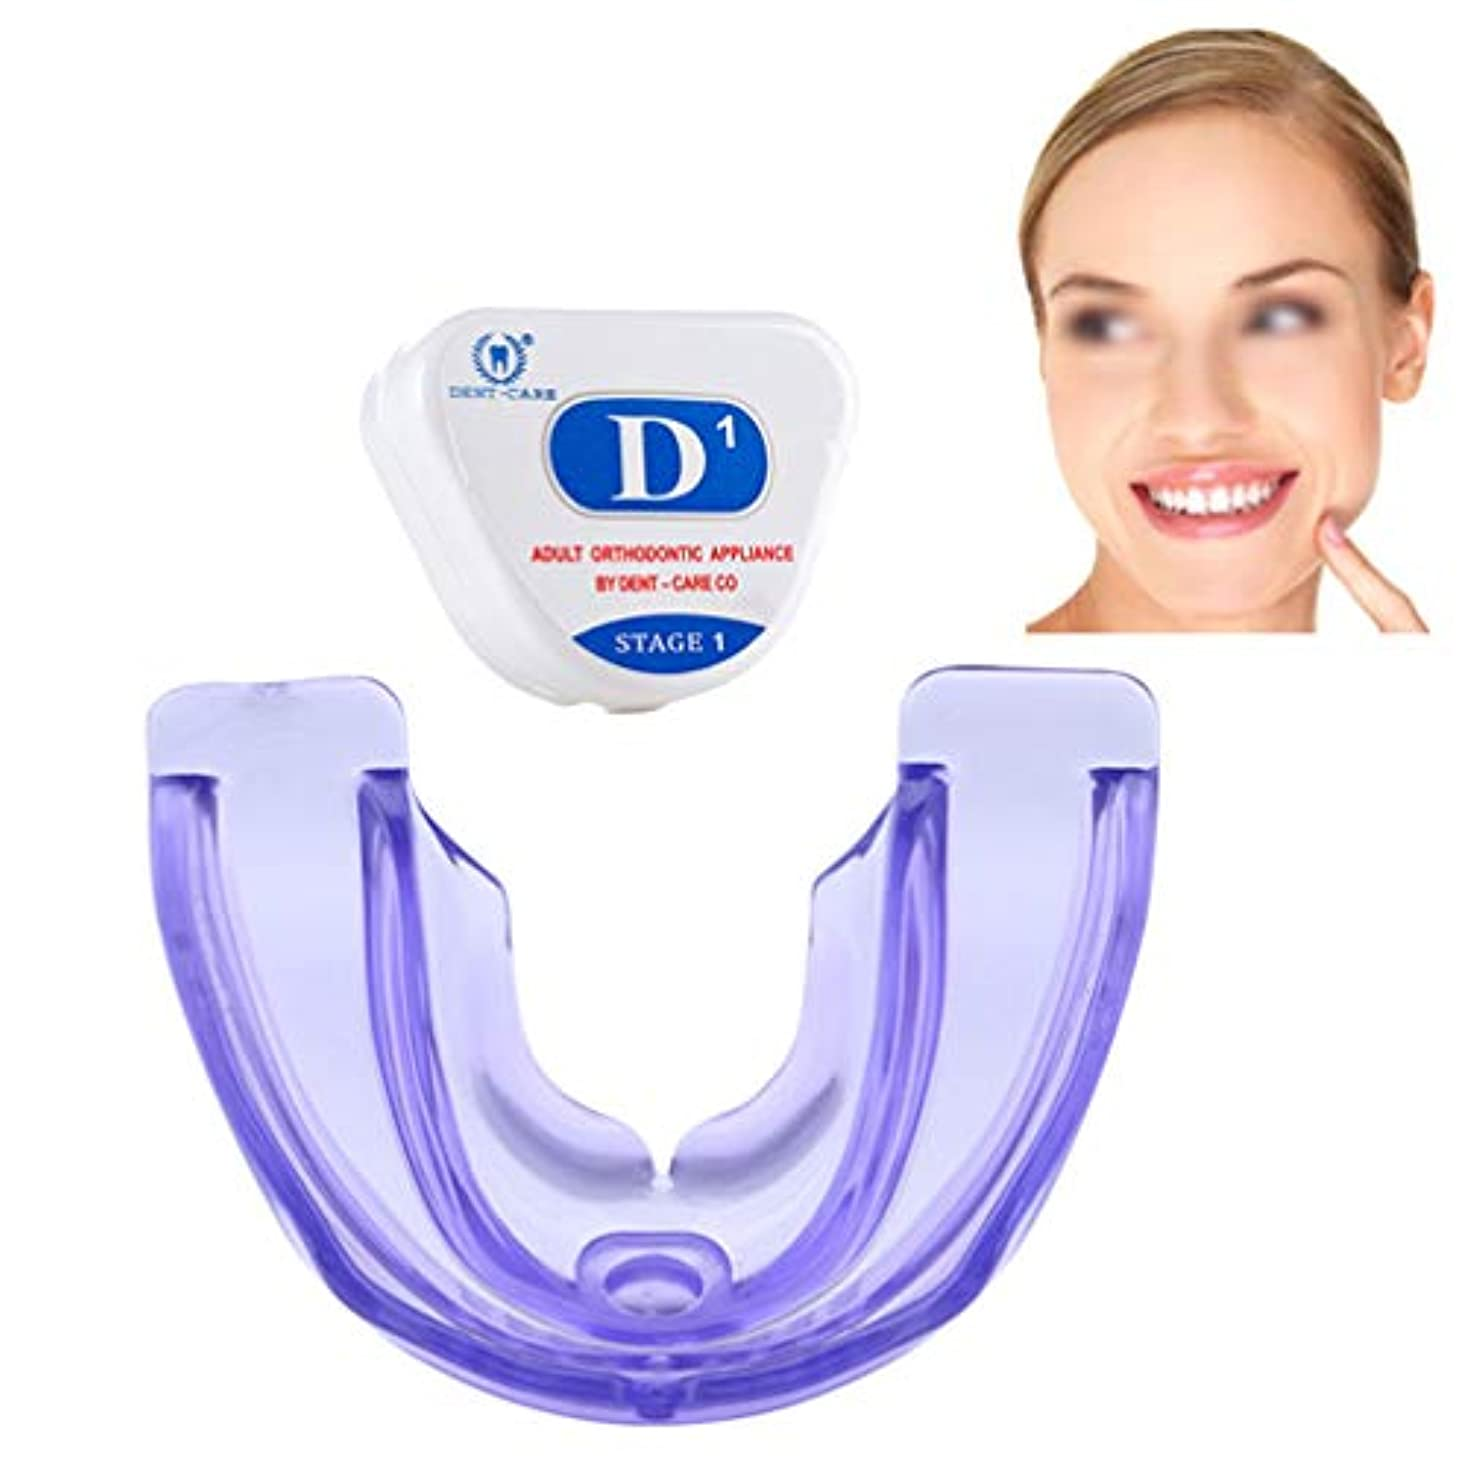 家社会主義バッチ矯正リテーナー、歯列矯正トレーナー歯科用歯科用器具リテーナー歯を白くするインビジブルブレース、(3段階)